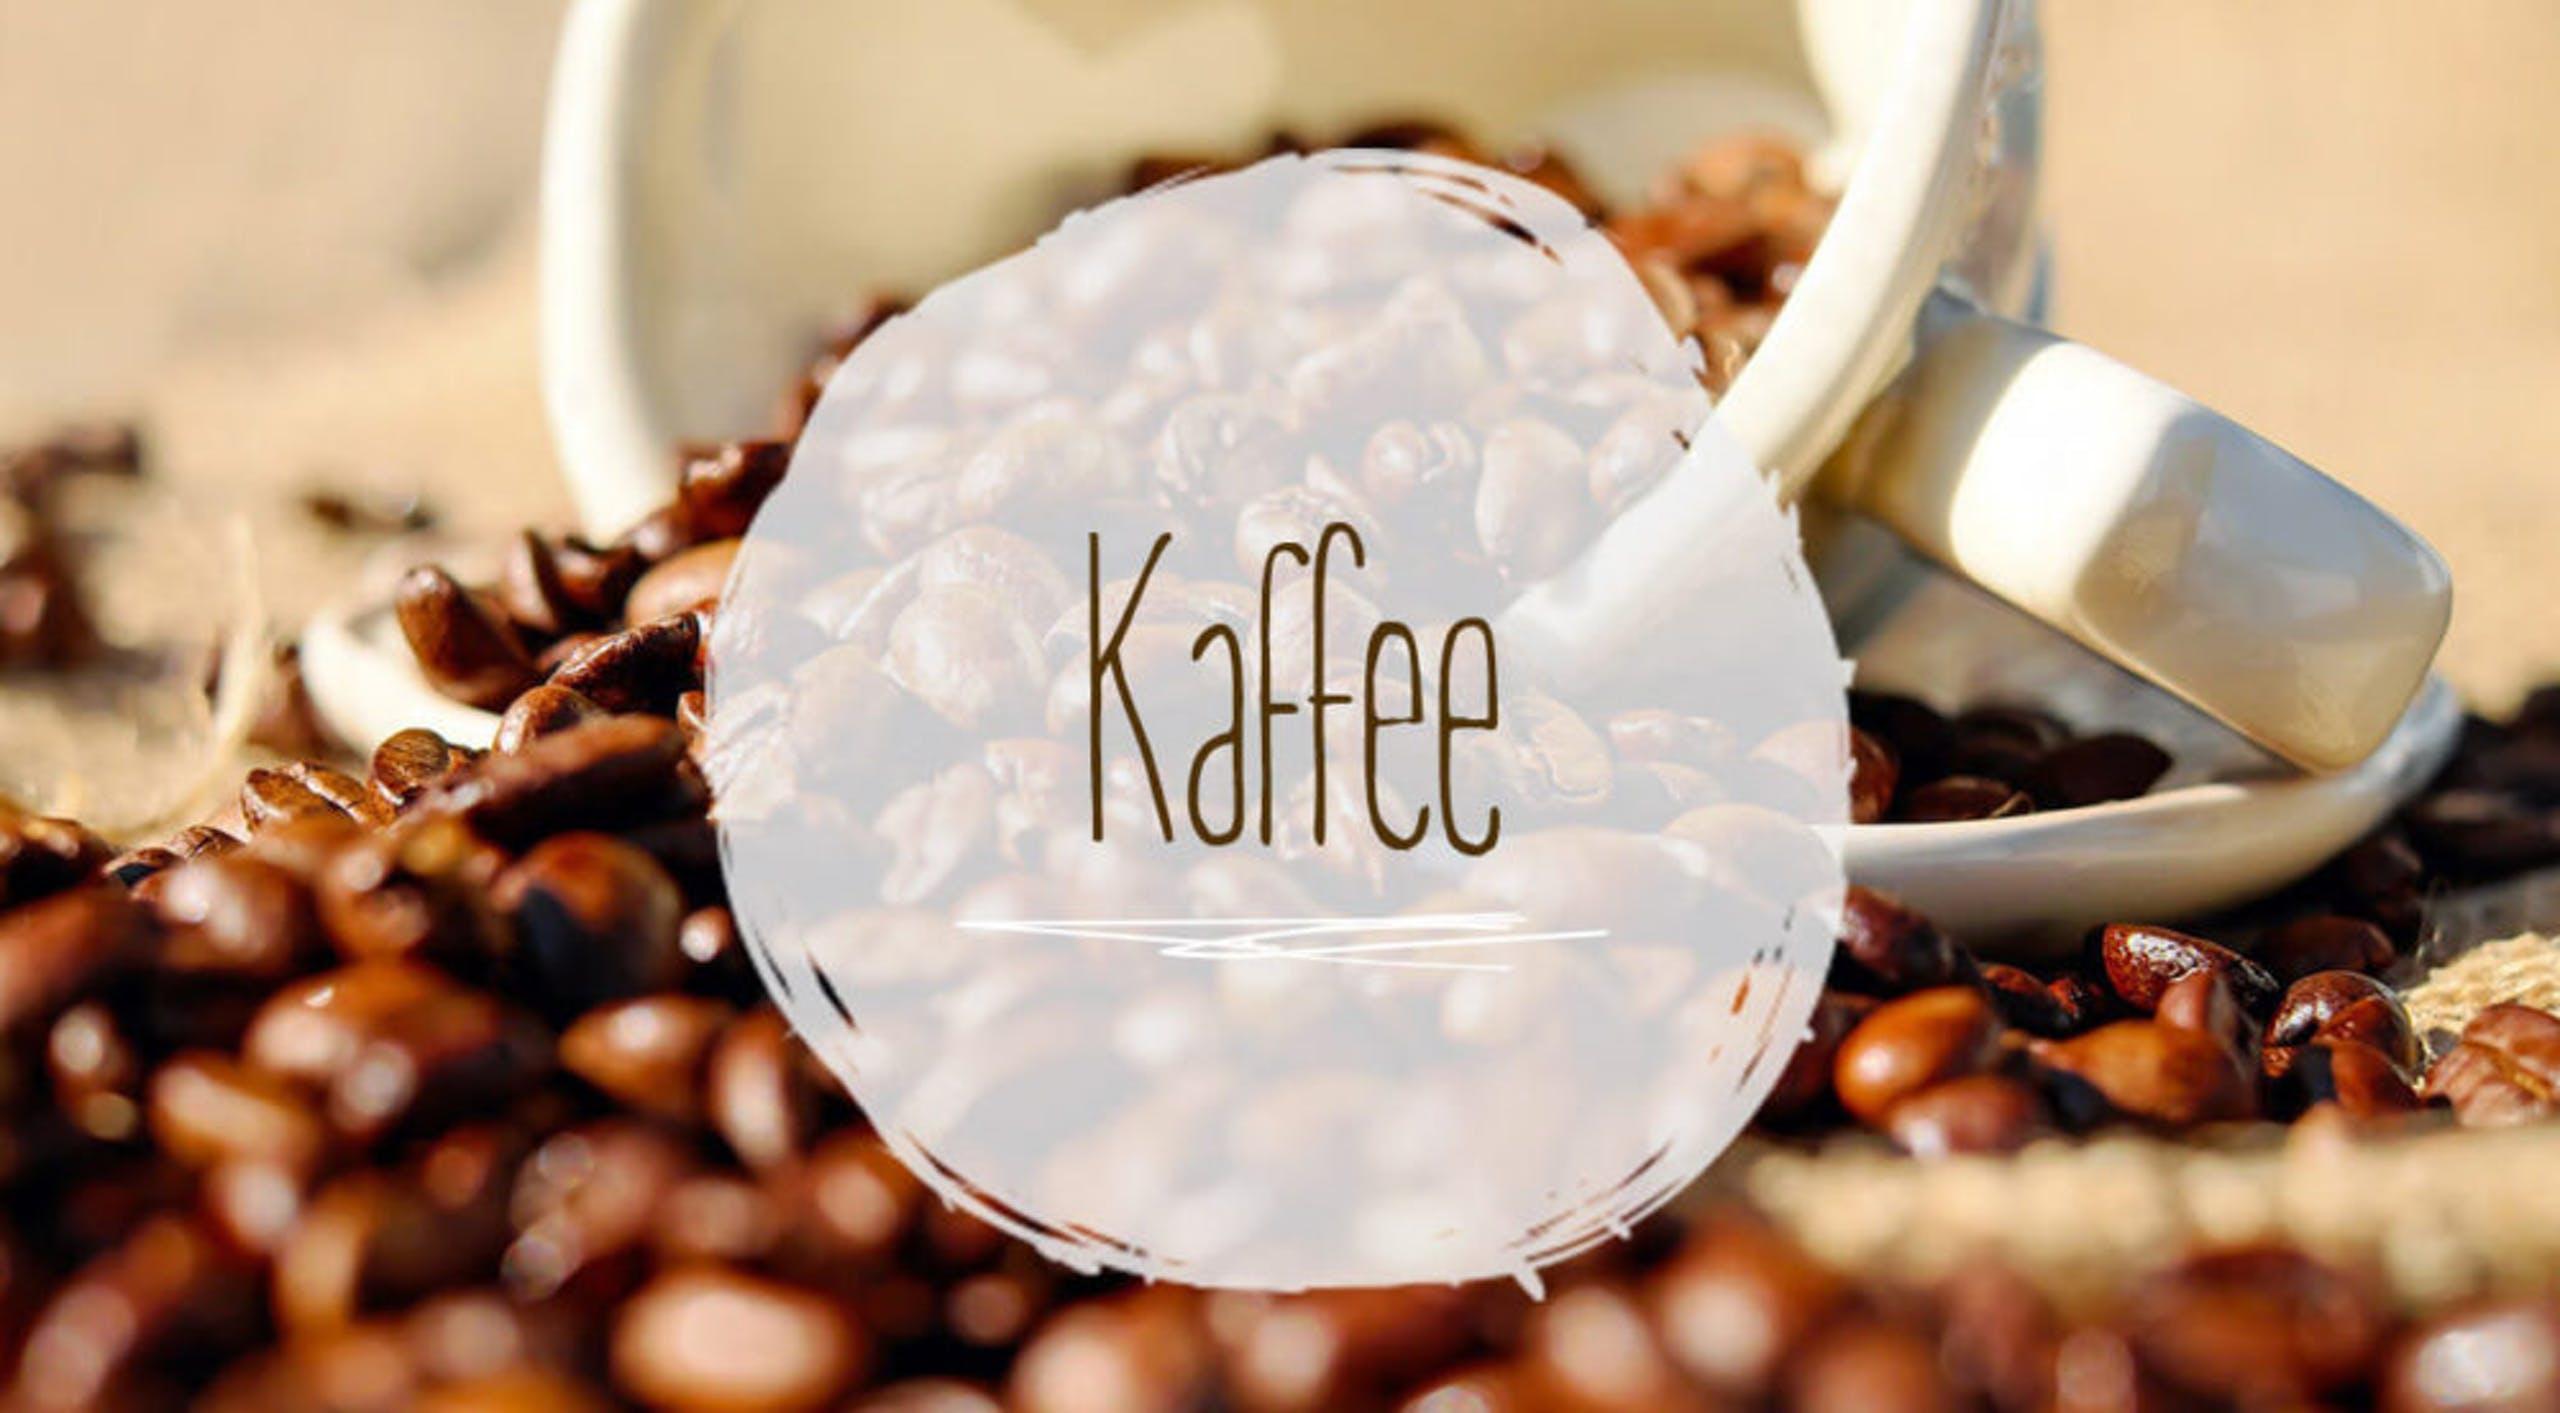 KaffeeqmC2tcCvxUFxu